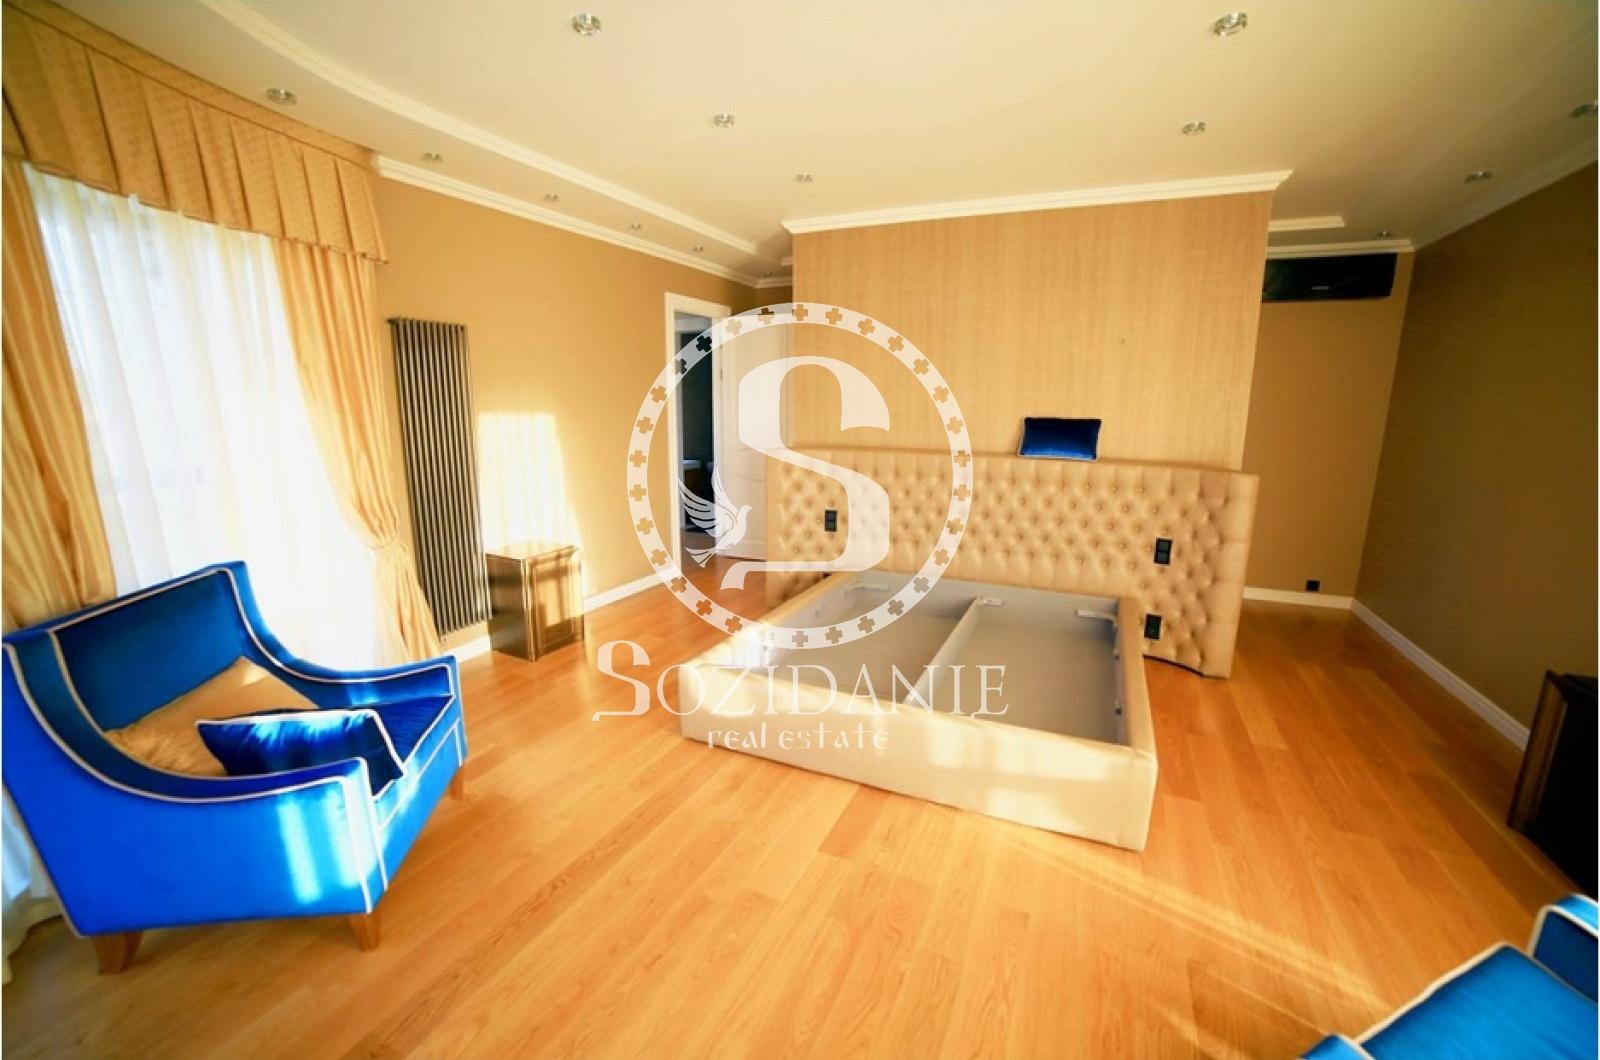 3 Bedrooms, Загородная, Продажа, Listing ID 1252, Московская область, Россия,